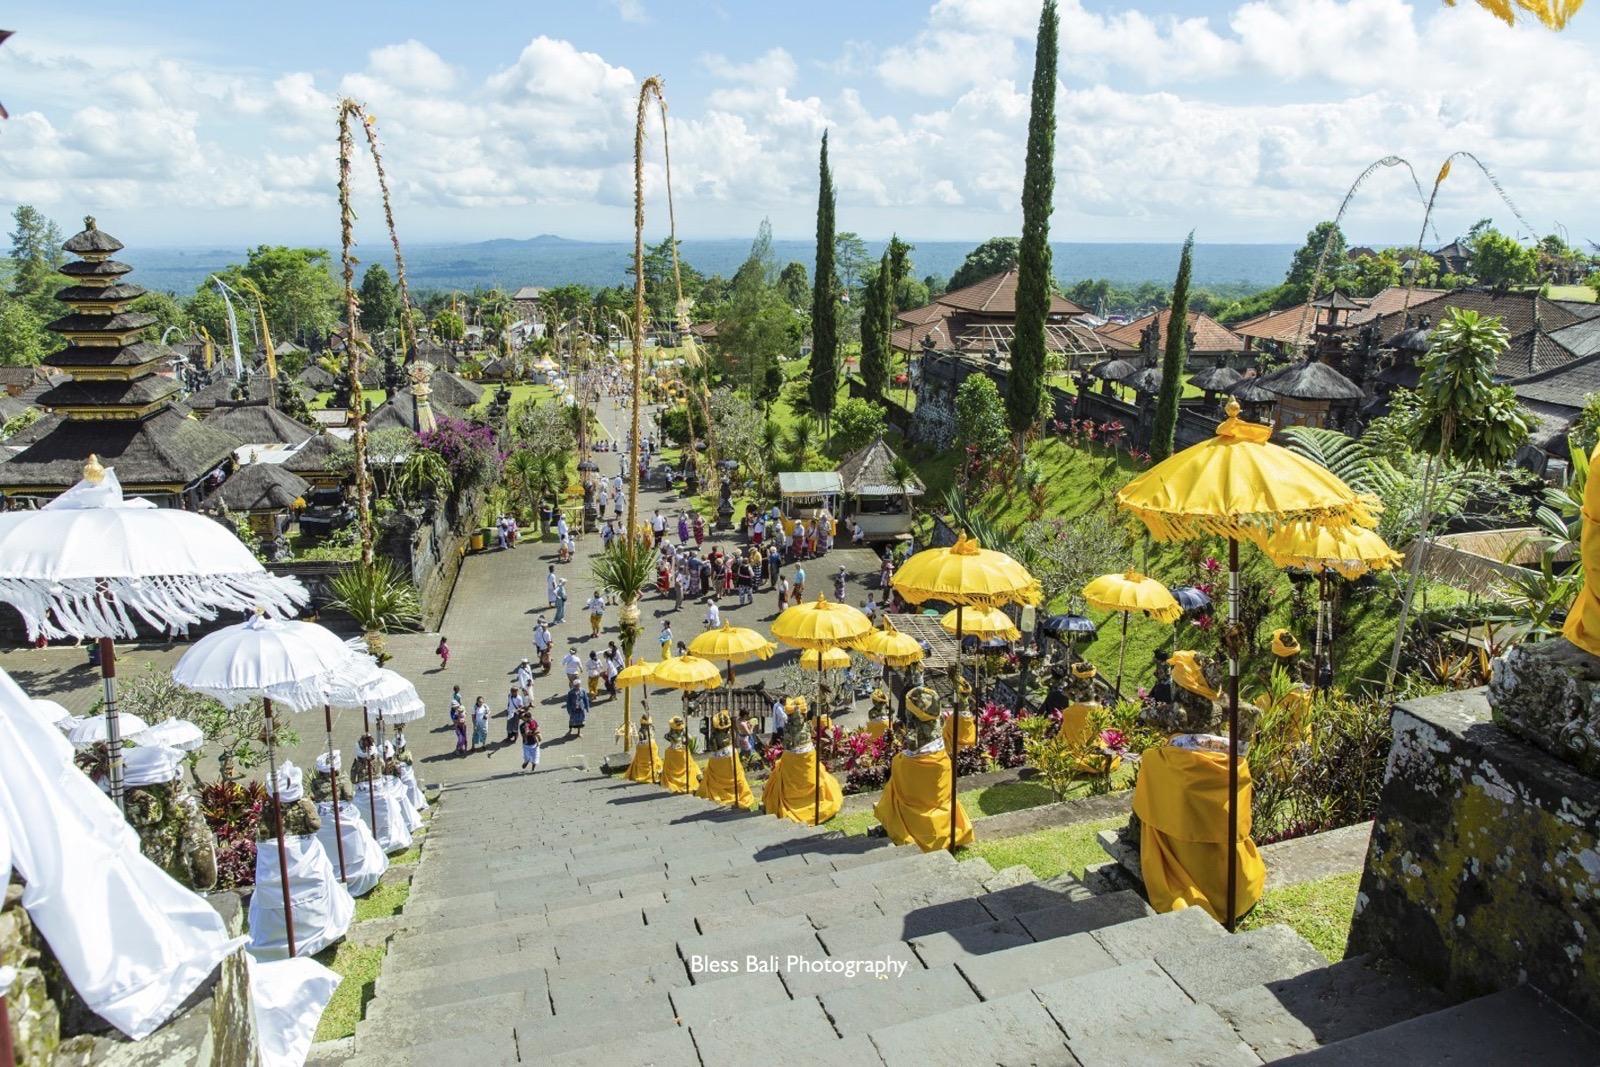 ブサキ寺院の階段上からの絶景